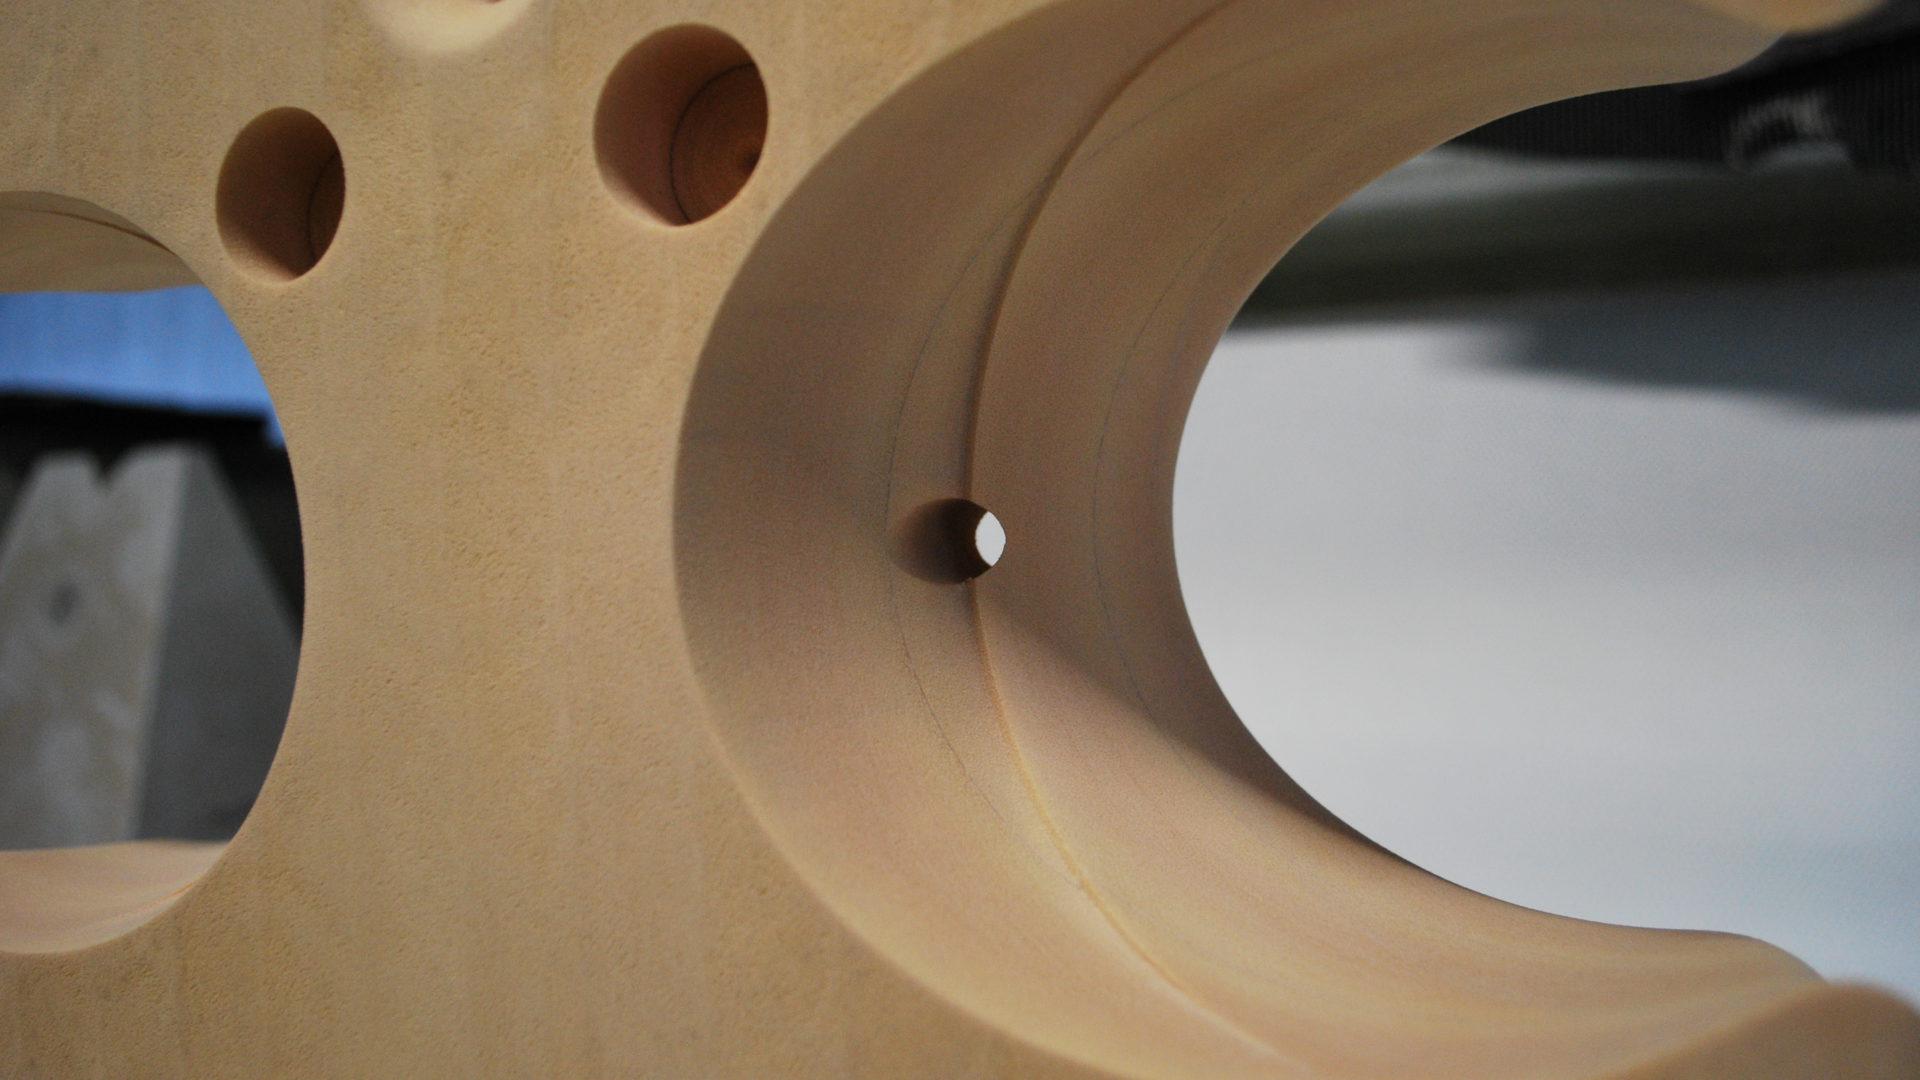 Detailansicht eines U-Boot-Auftriebskörpers.